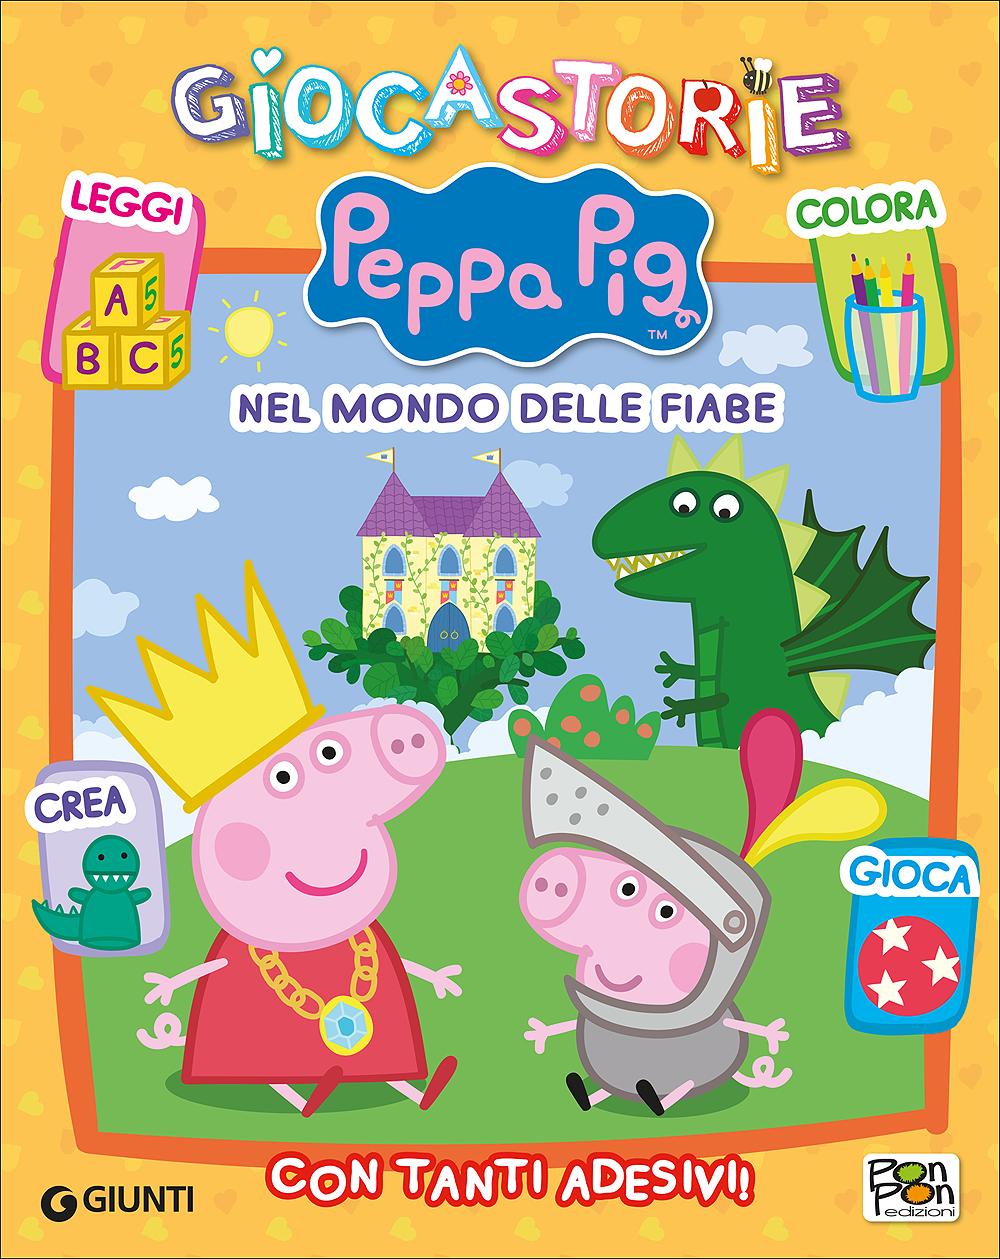 Giocastorie Peppa Pig - Nel mondo delle fiabe